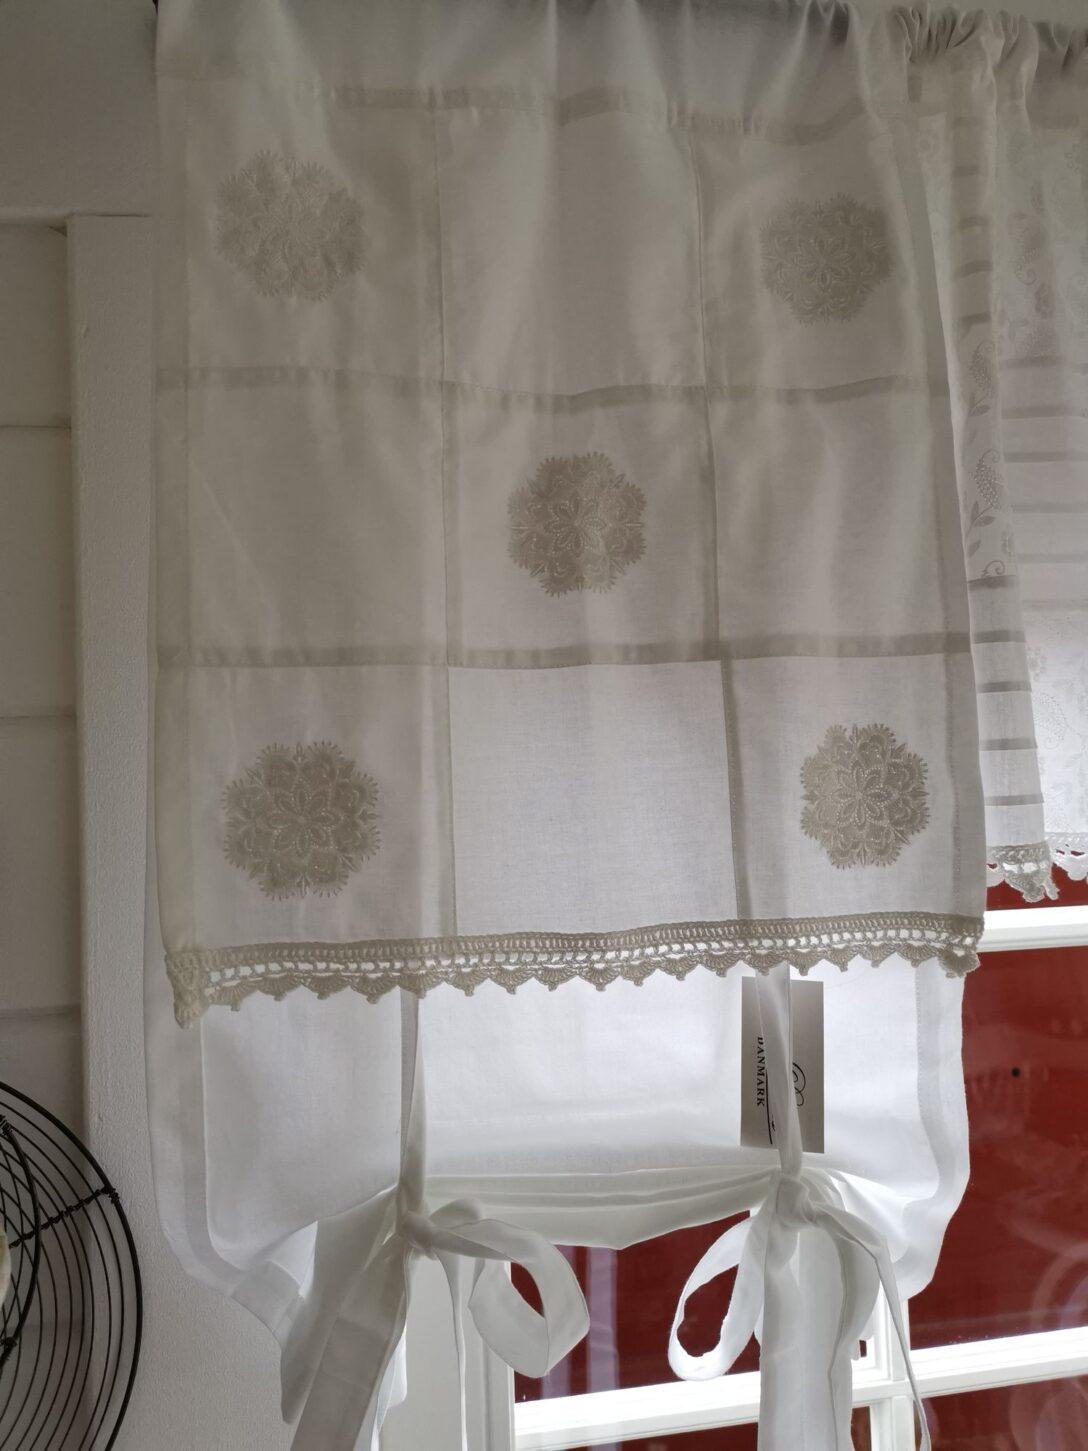 Large Size of Scheibengardinen Landhausstil Raffgardine Bett Boxspring Wohnzimmer Küche Schlafzimmer Esstisch Weiß Betten Sofa Bad Regal Wohnzimmer Scheibengardinen Landhausstil